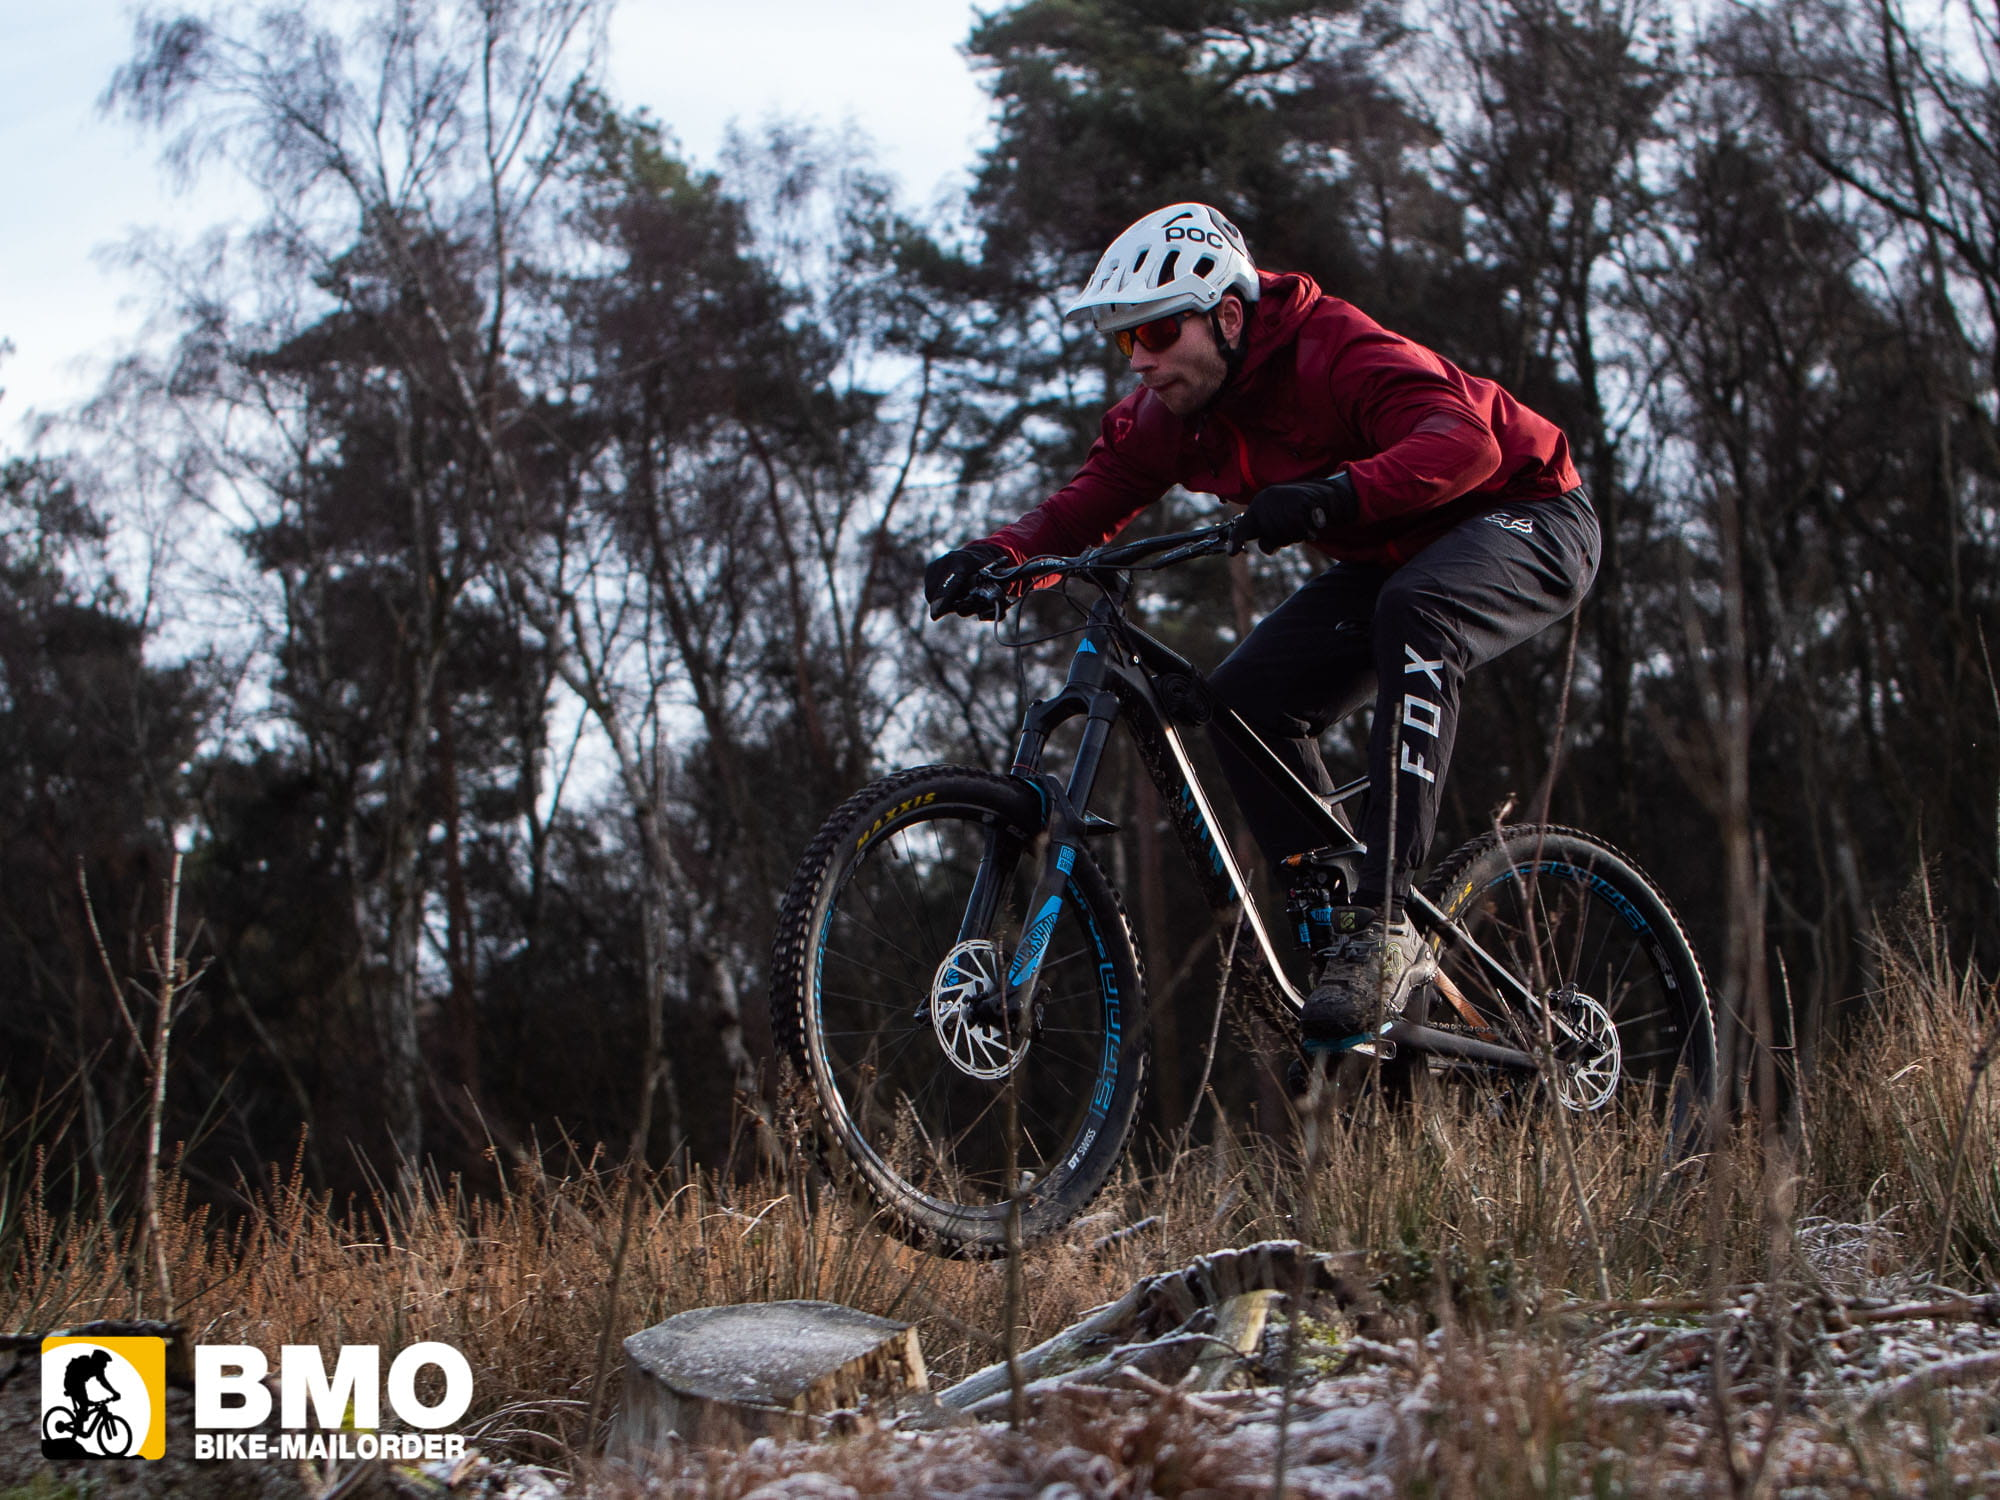 BMO-Bike-Mailorder-Leatt-DBX-4-0-5